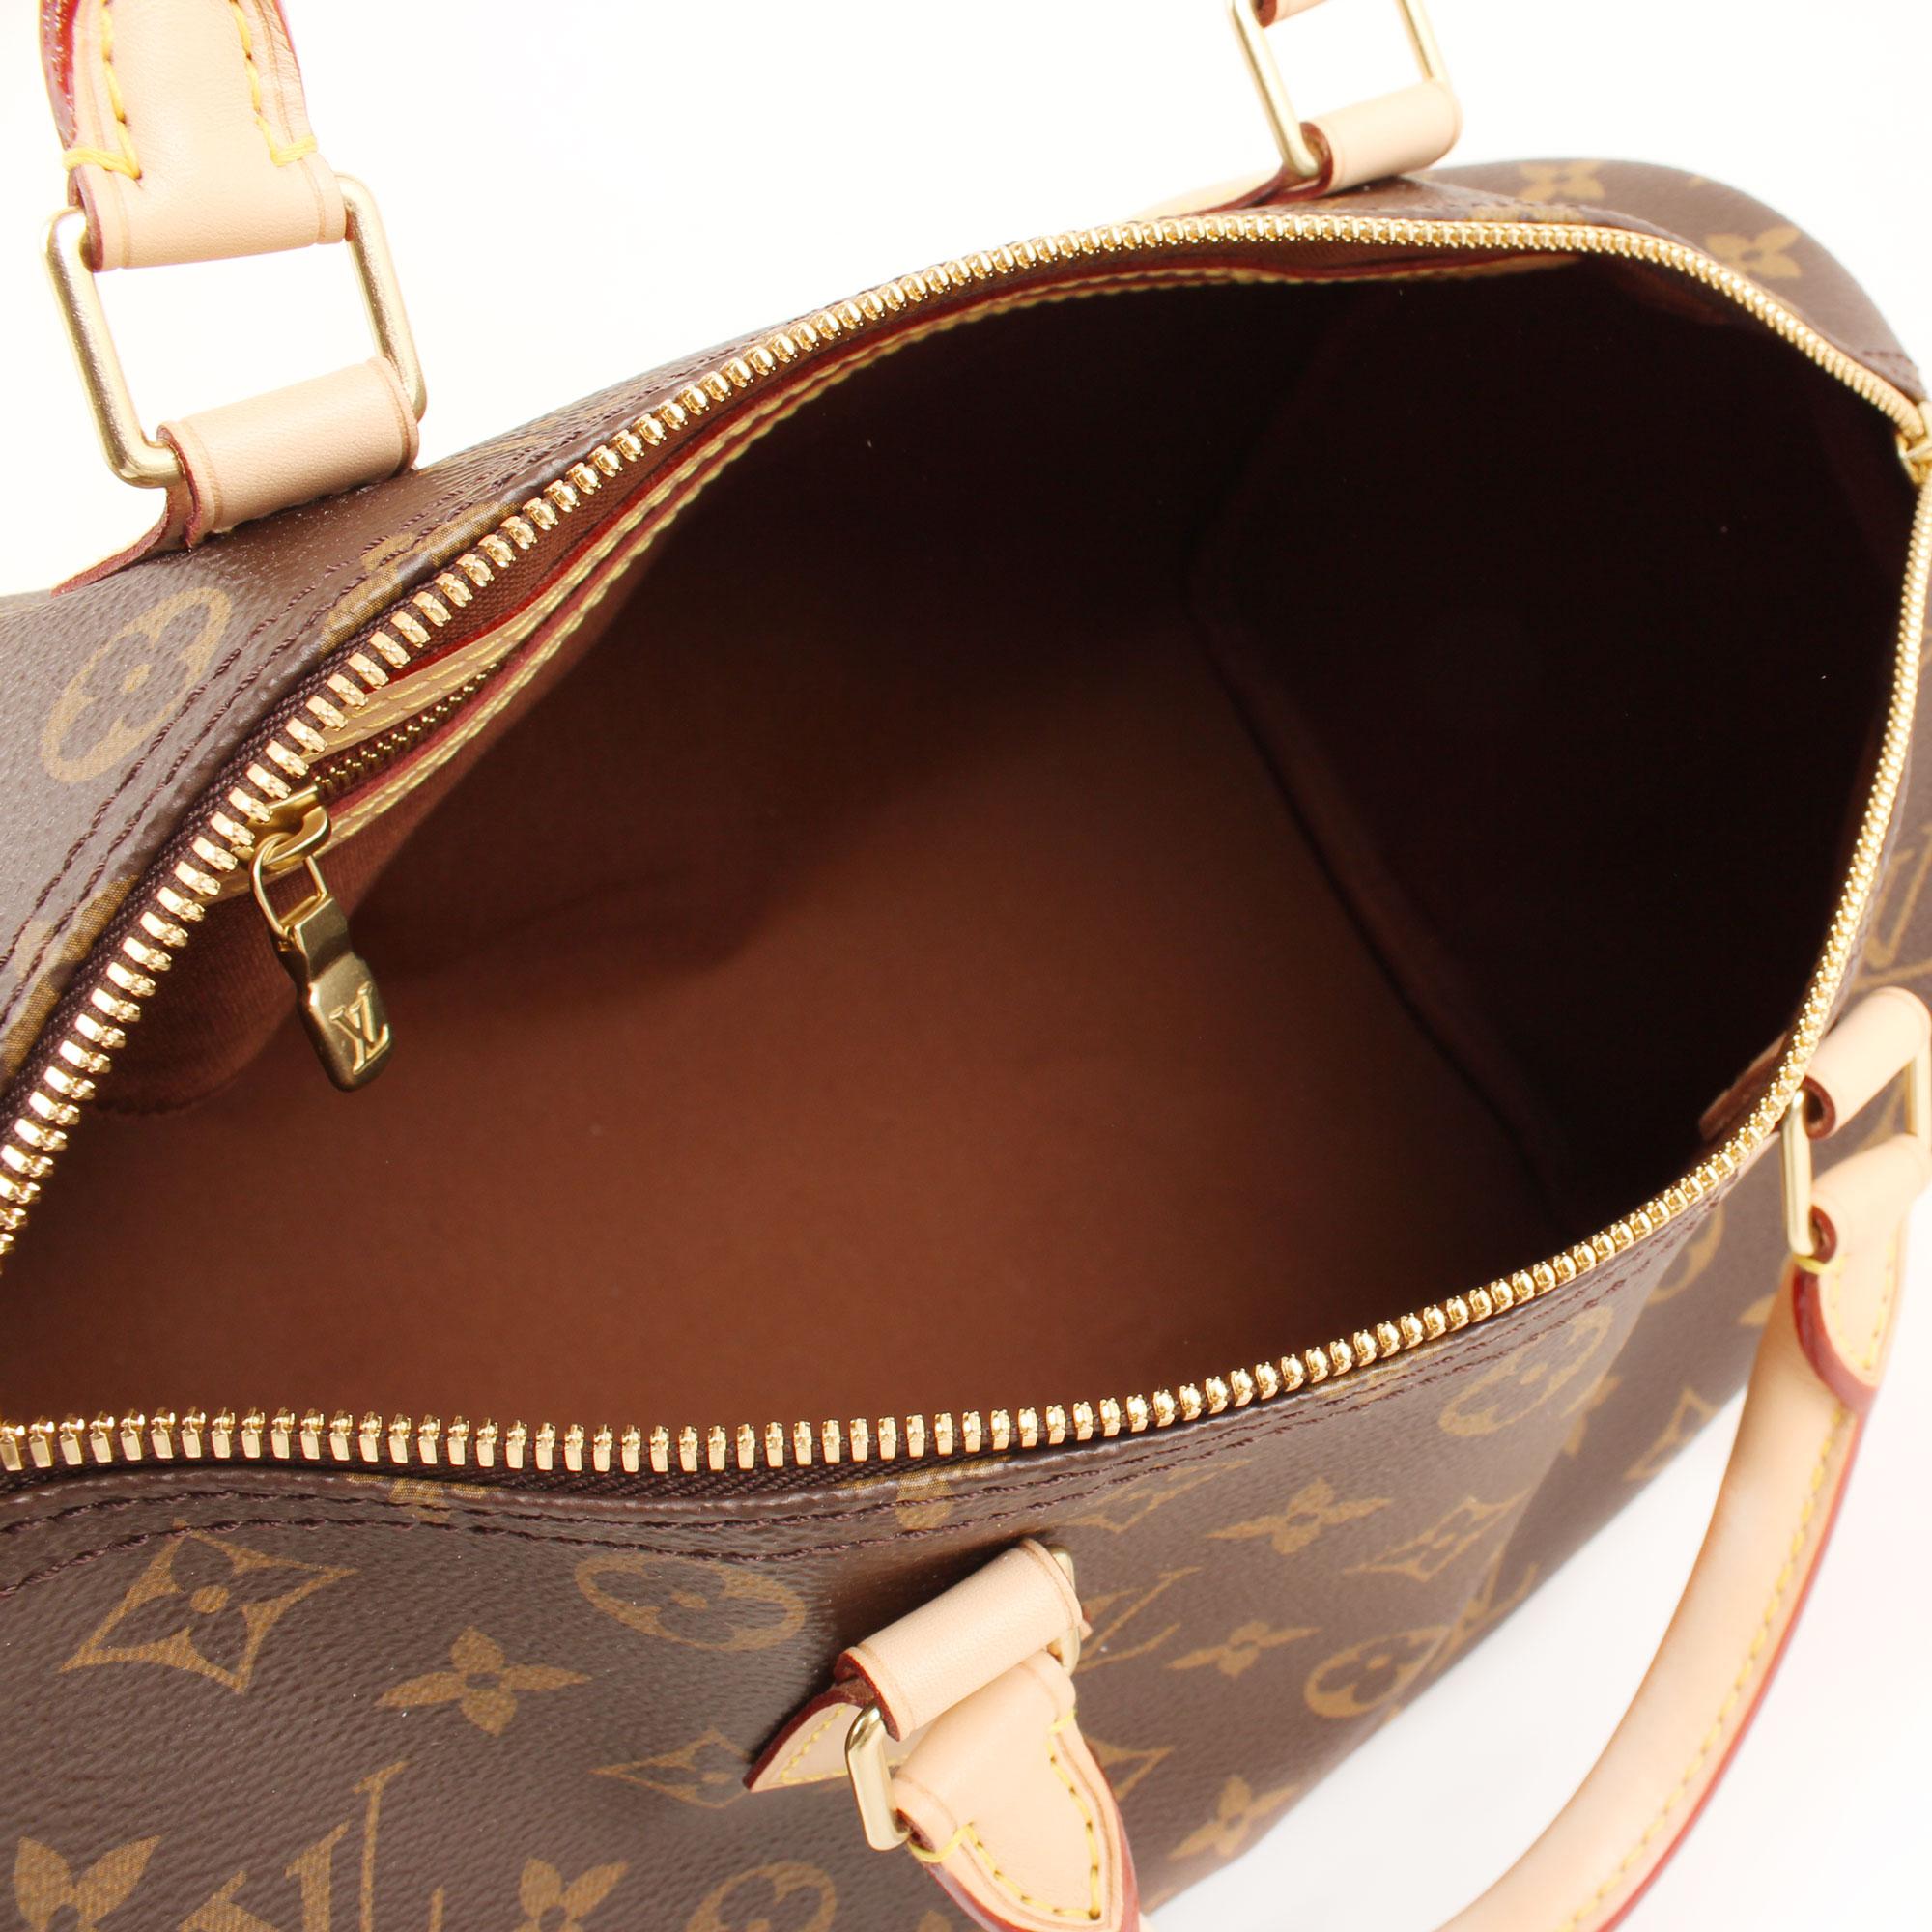 Imagen del interior del bolso louis vuitton speedy 30 monogram